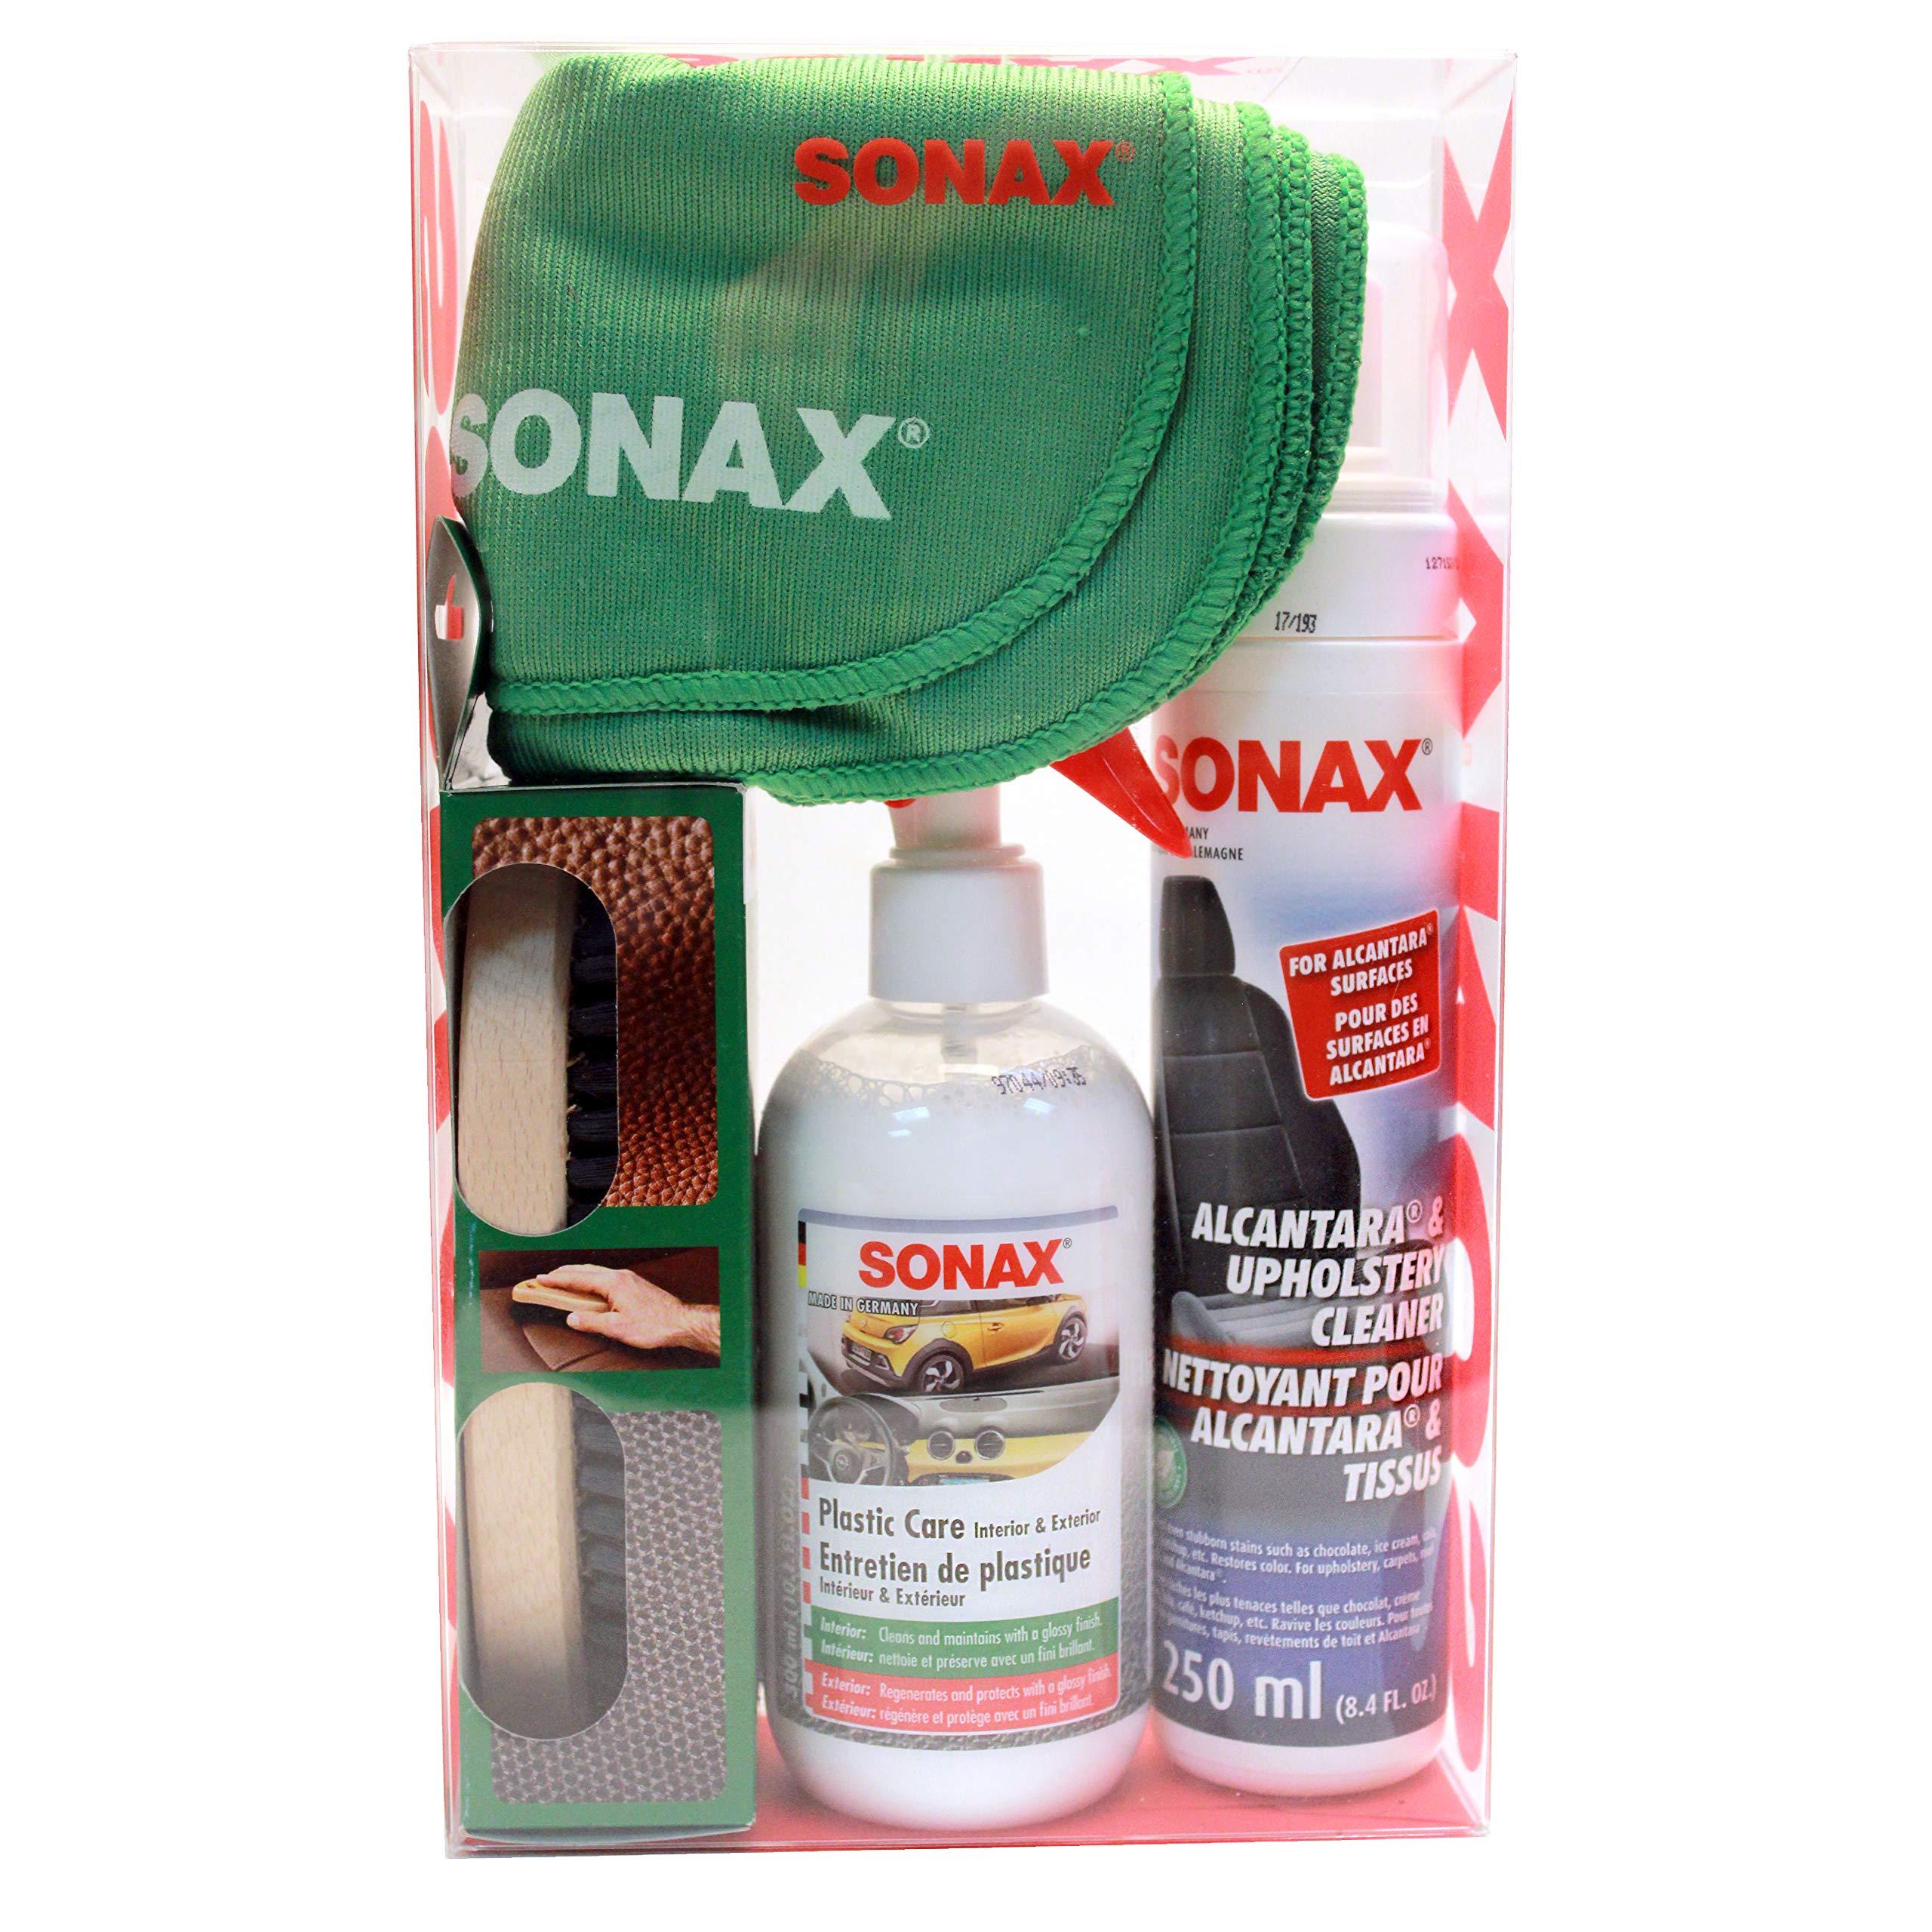 Sonax Premium Interior Care Kit